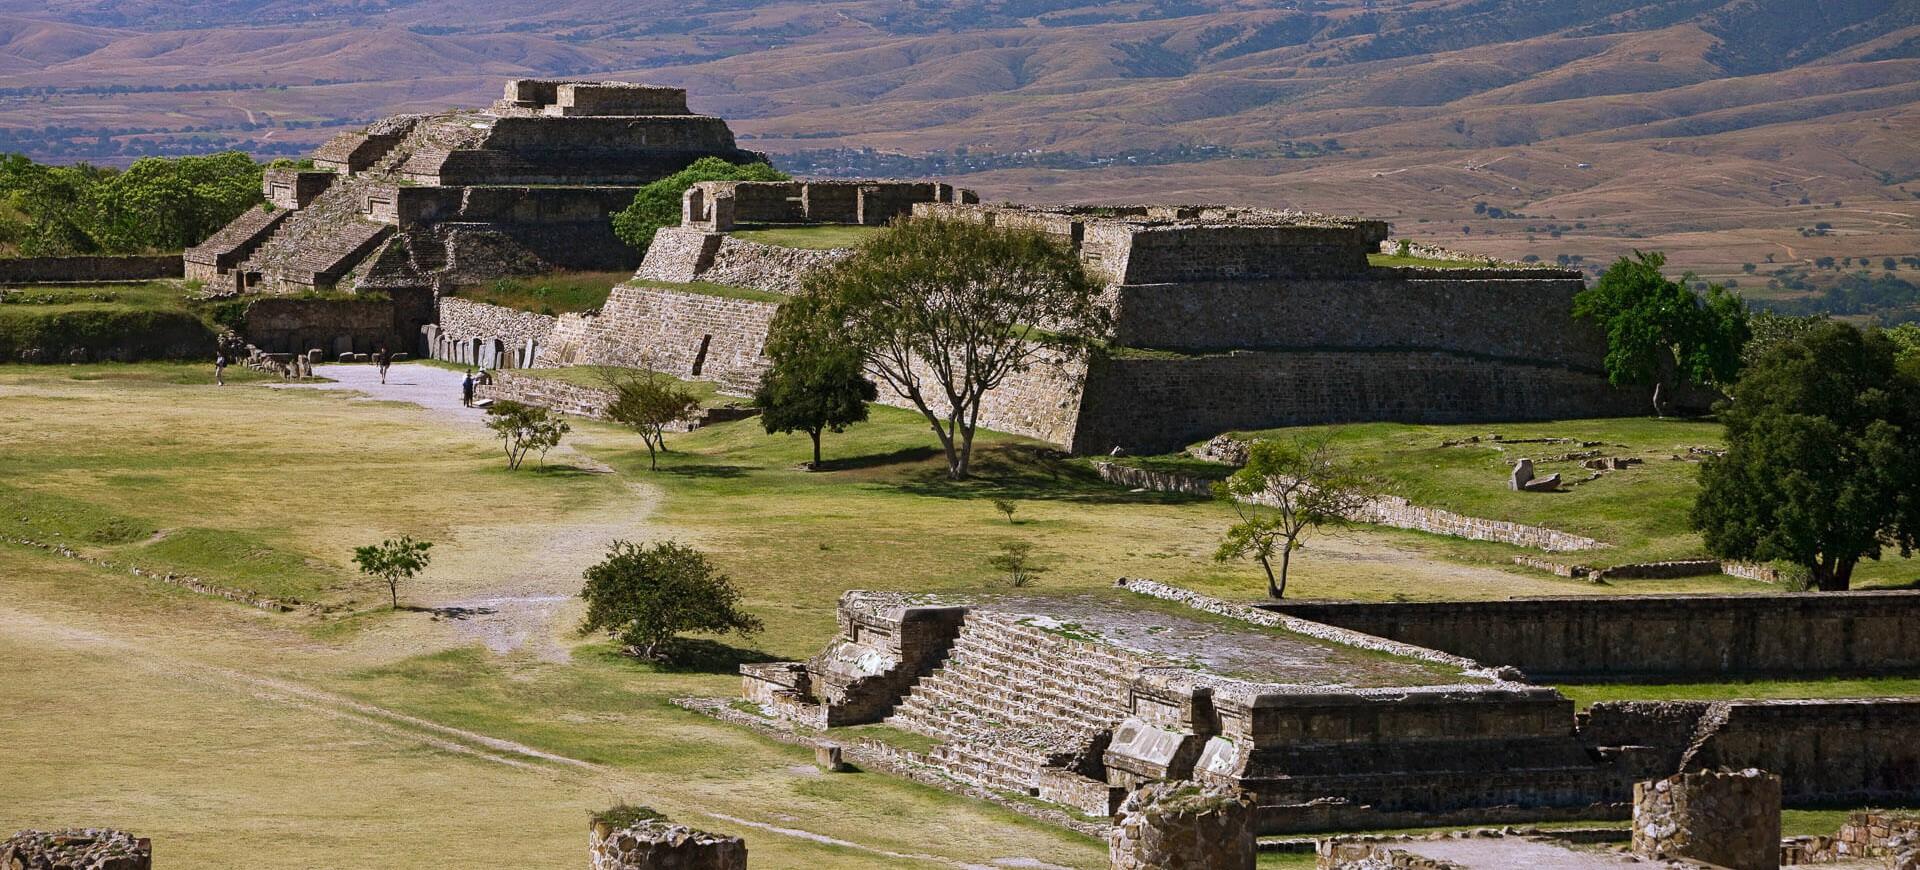 Site historique à Oaxaca